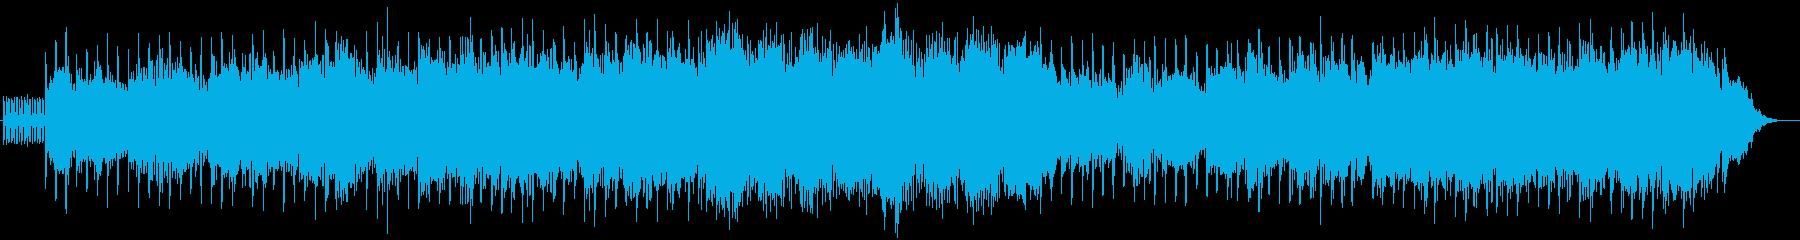 優しく包み込むようなシンセ系ボイス曲の再生済みの波形